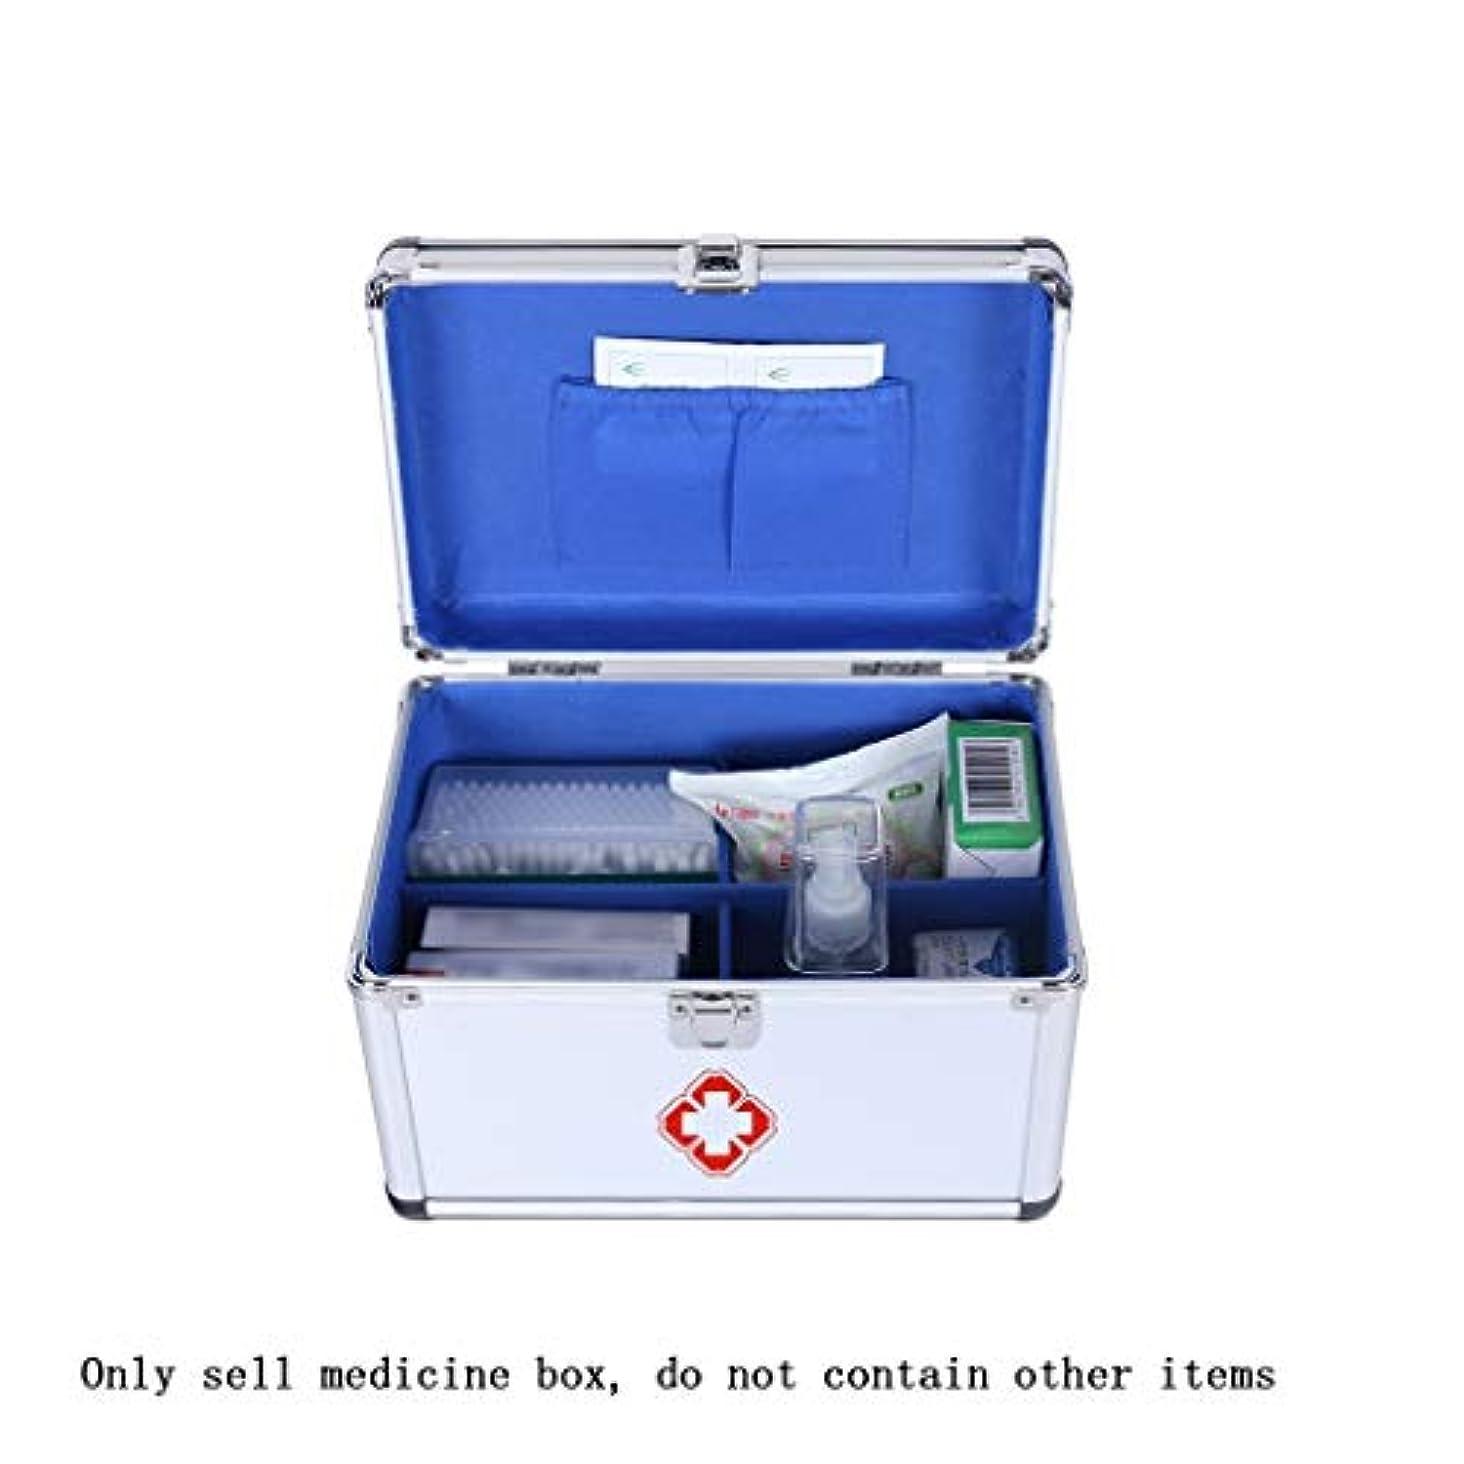 覗くペパーミント受粉する家庭用薬箱アルミ合金医療箱携帯用救急箱薬収納ボックス235×150×155 mm AMINIY